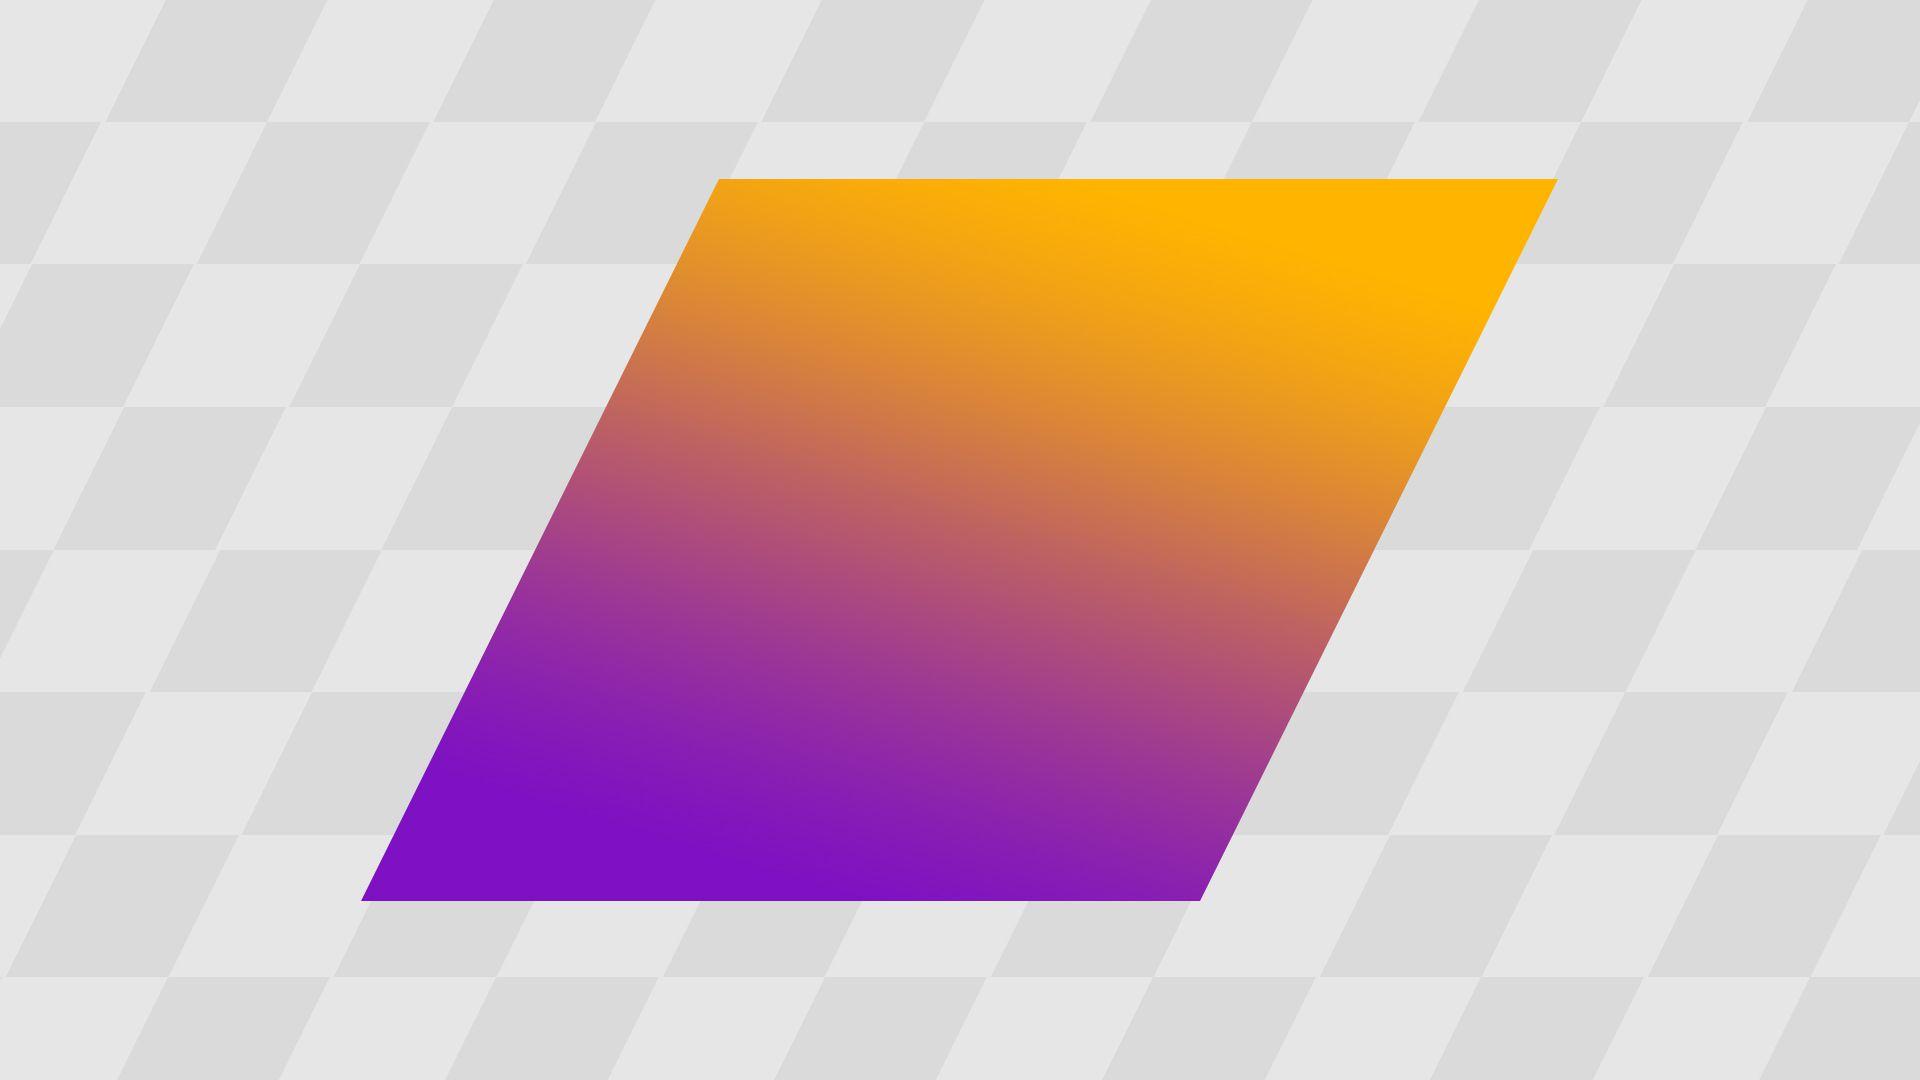 CSSで平行四辺形を作る方法と使い方。エリアの境目を斜めにする。